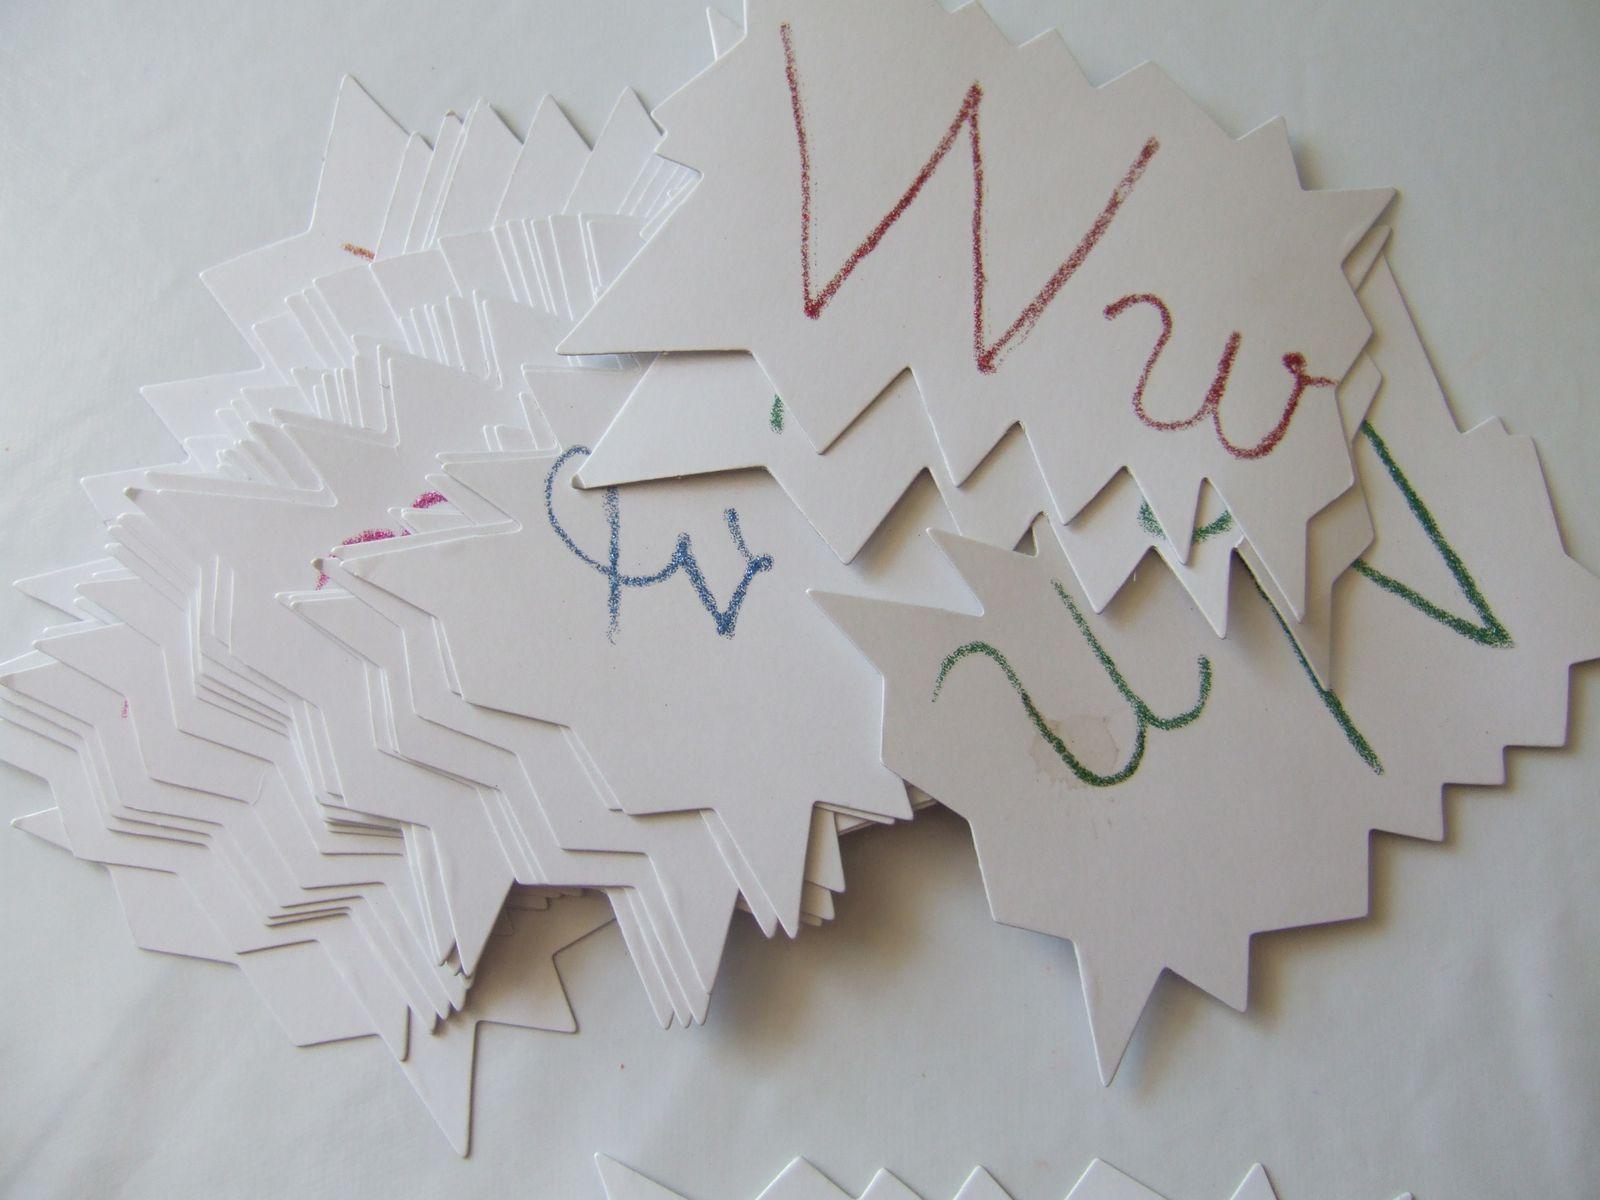 lettres à toucher avec de la colle paillettes.